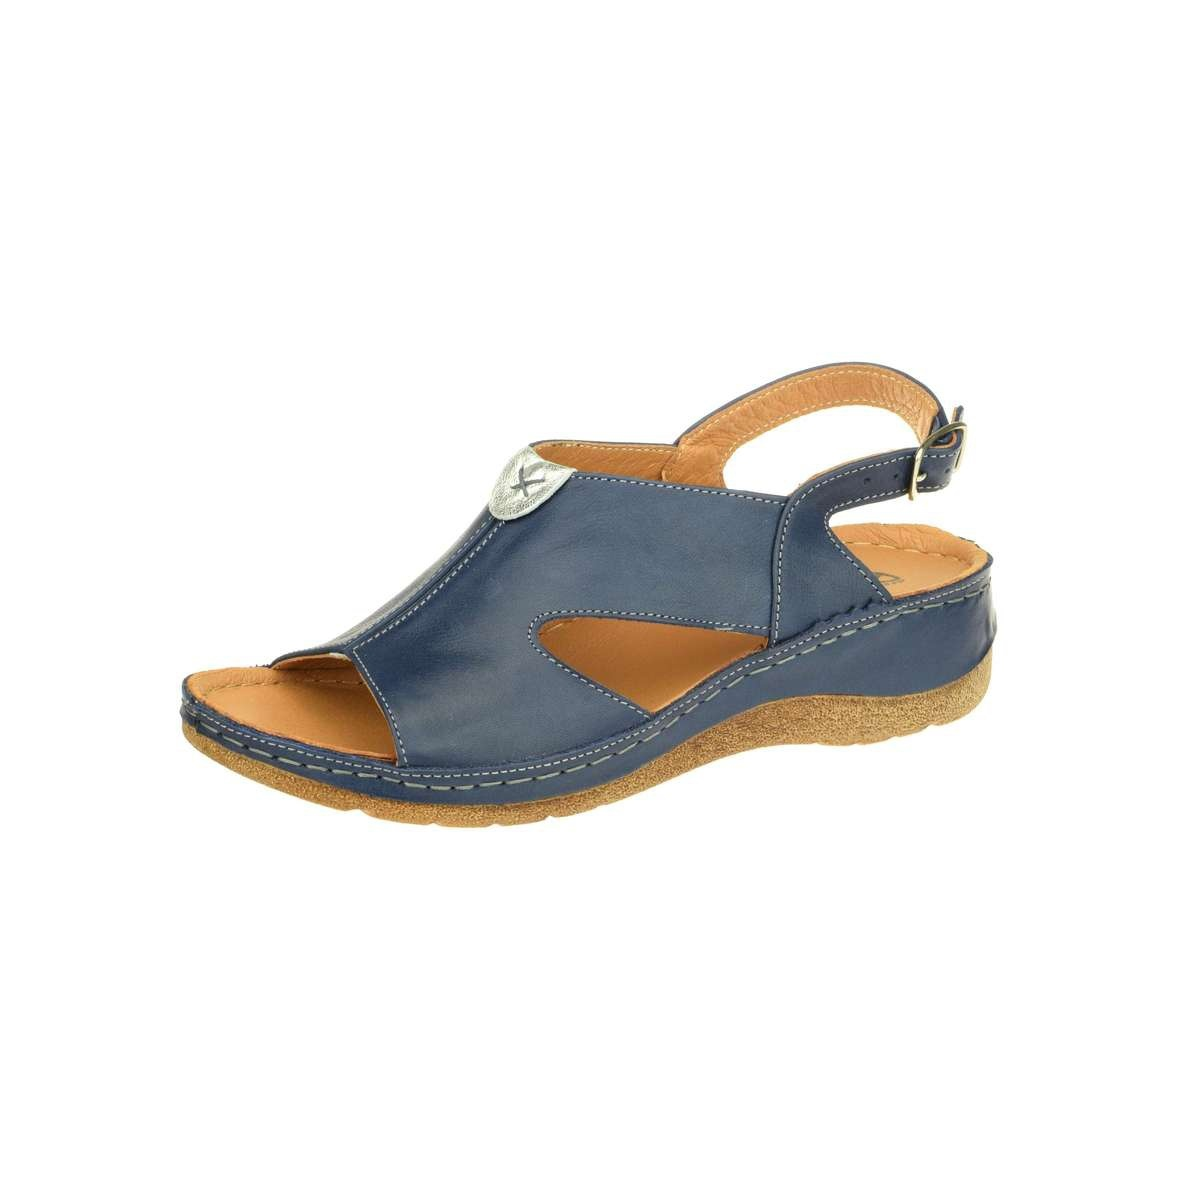 0c144c83bf4c Dámská vycházková sandálka KA K94-3